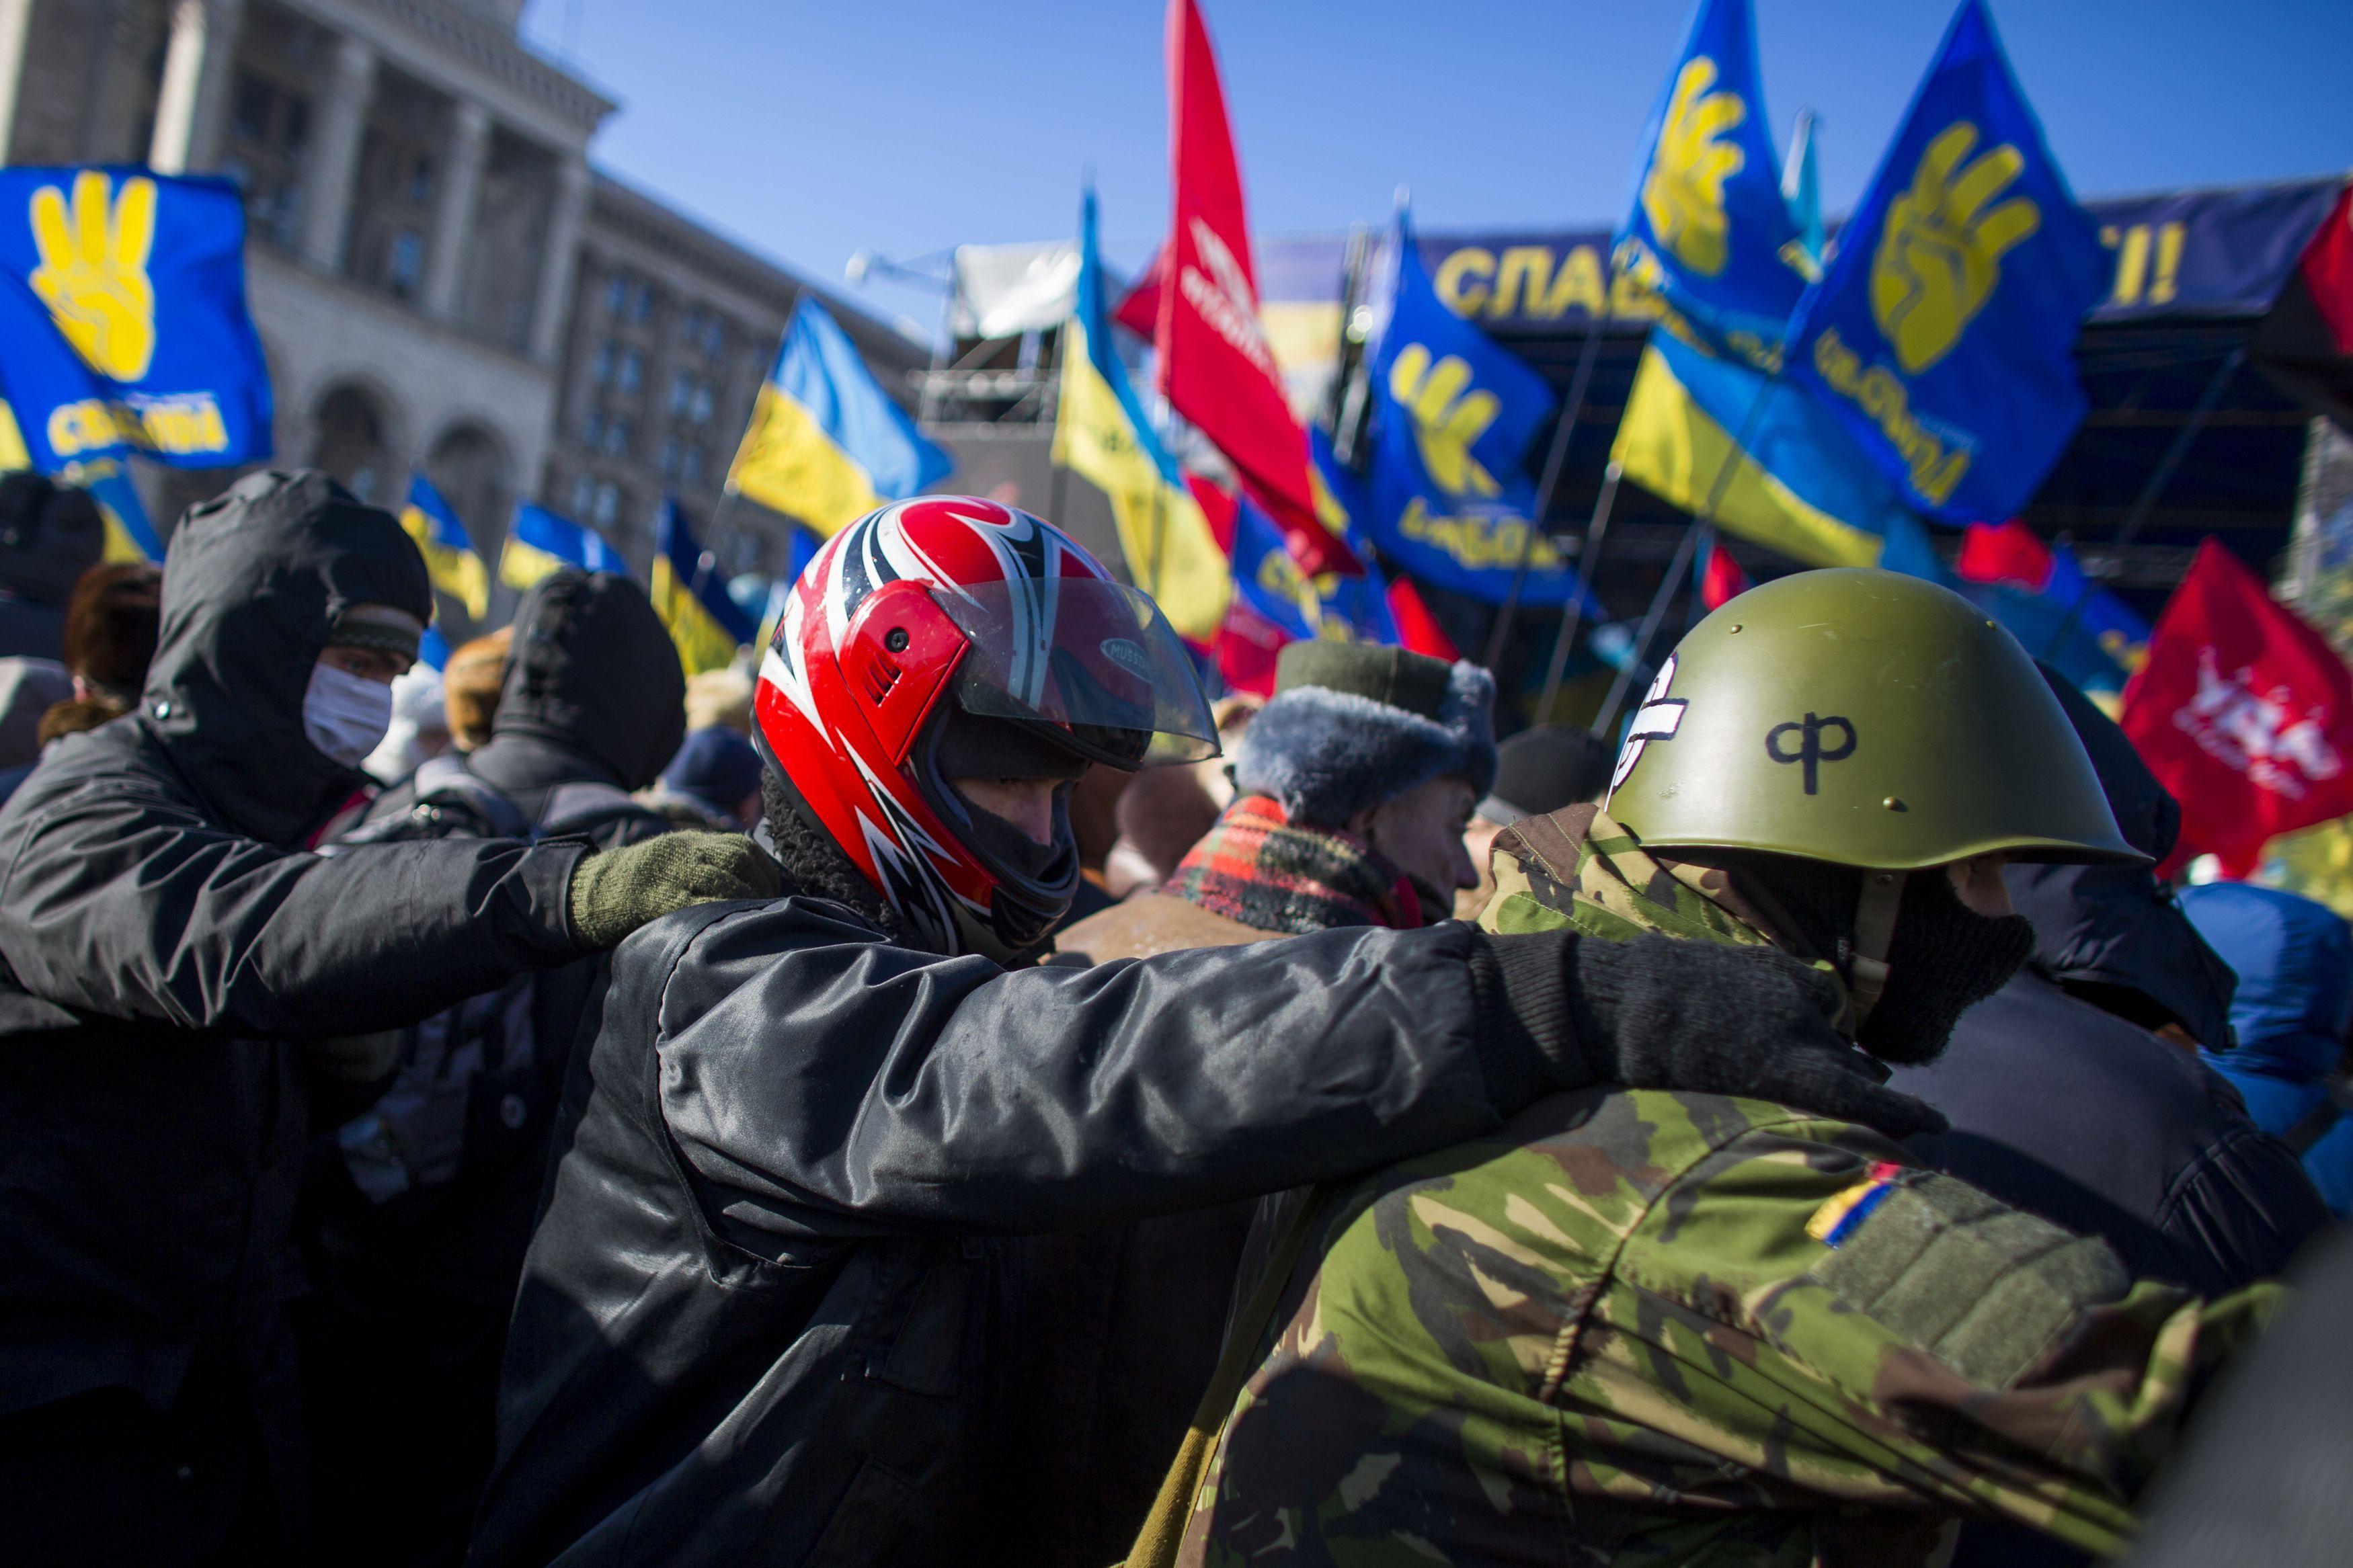 Все больше людей на Майдане готовы прибегнуть к радикальным методам протеста